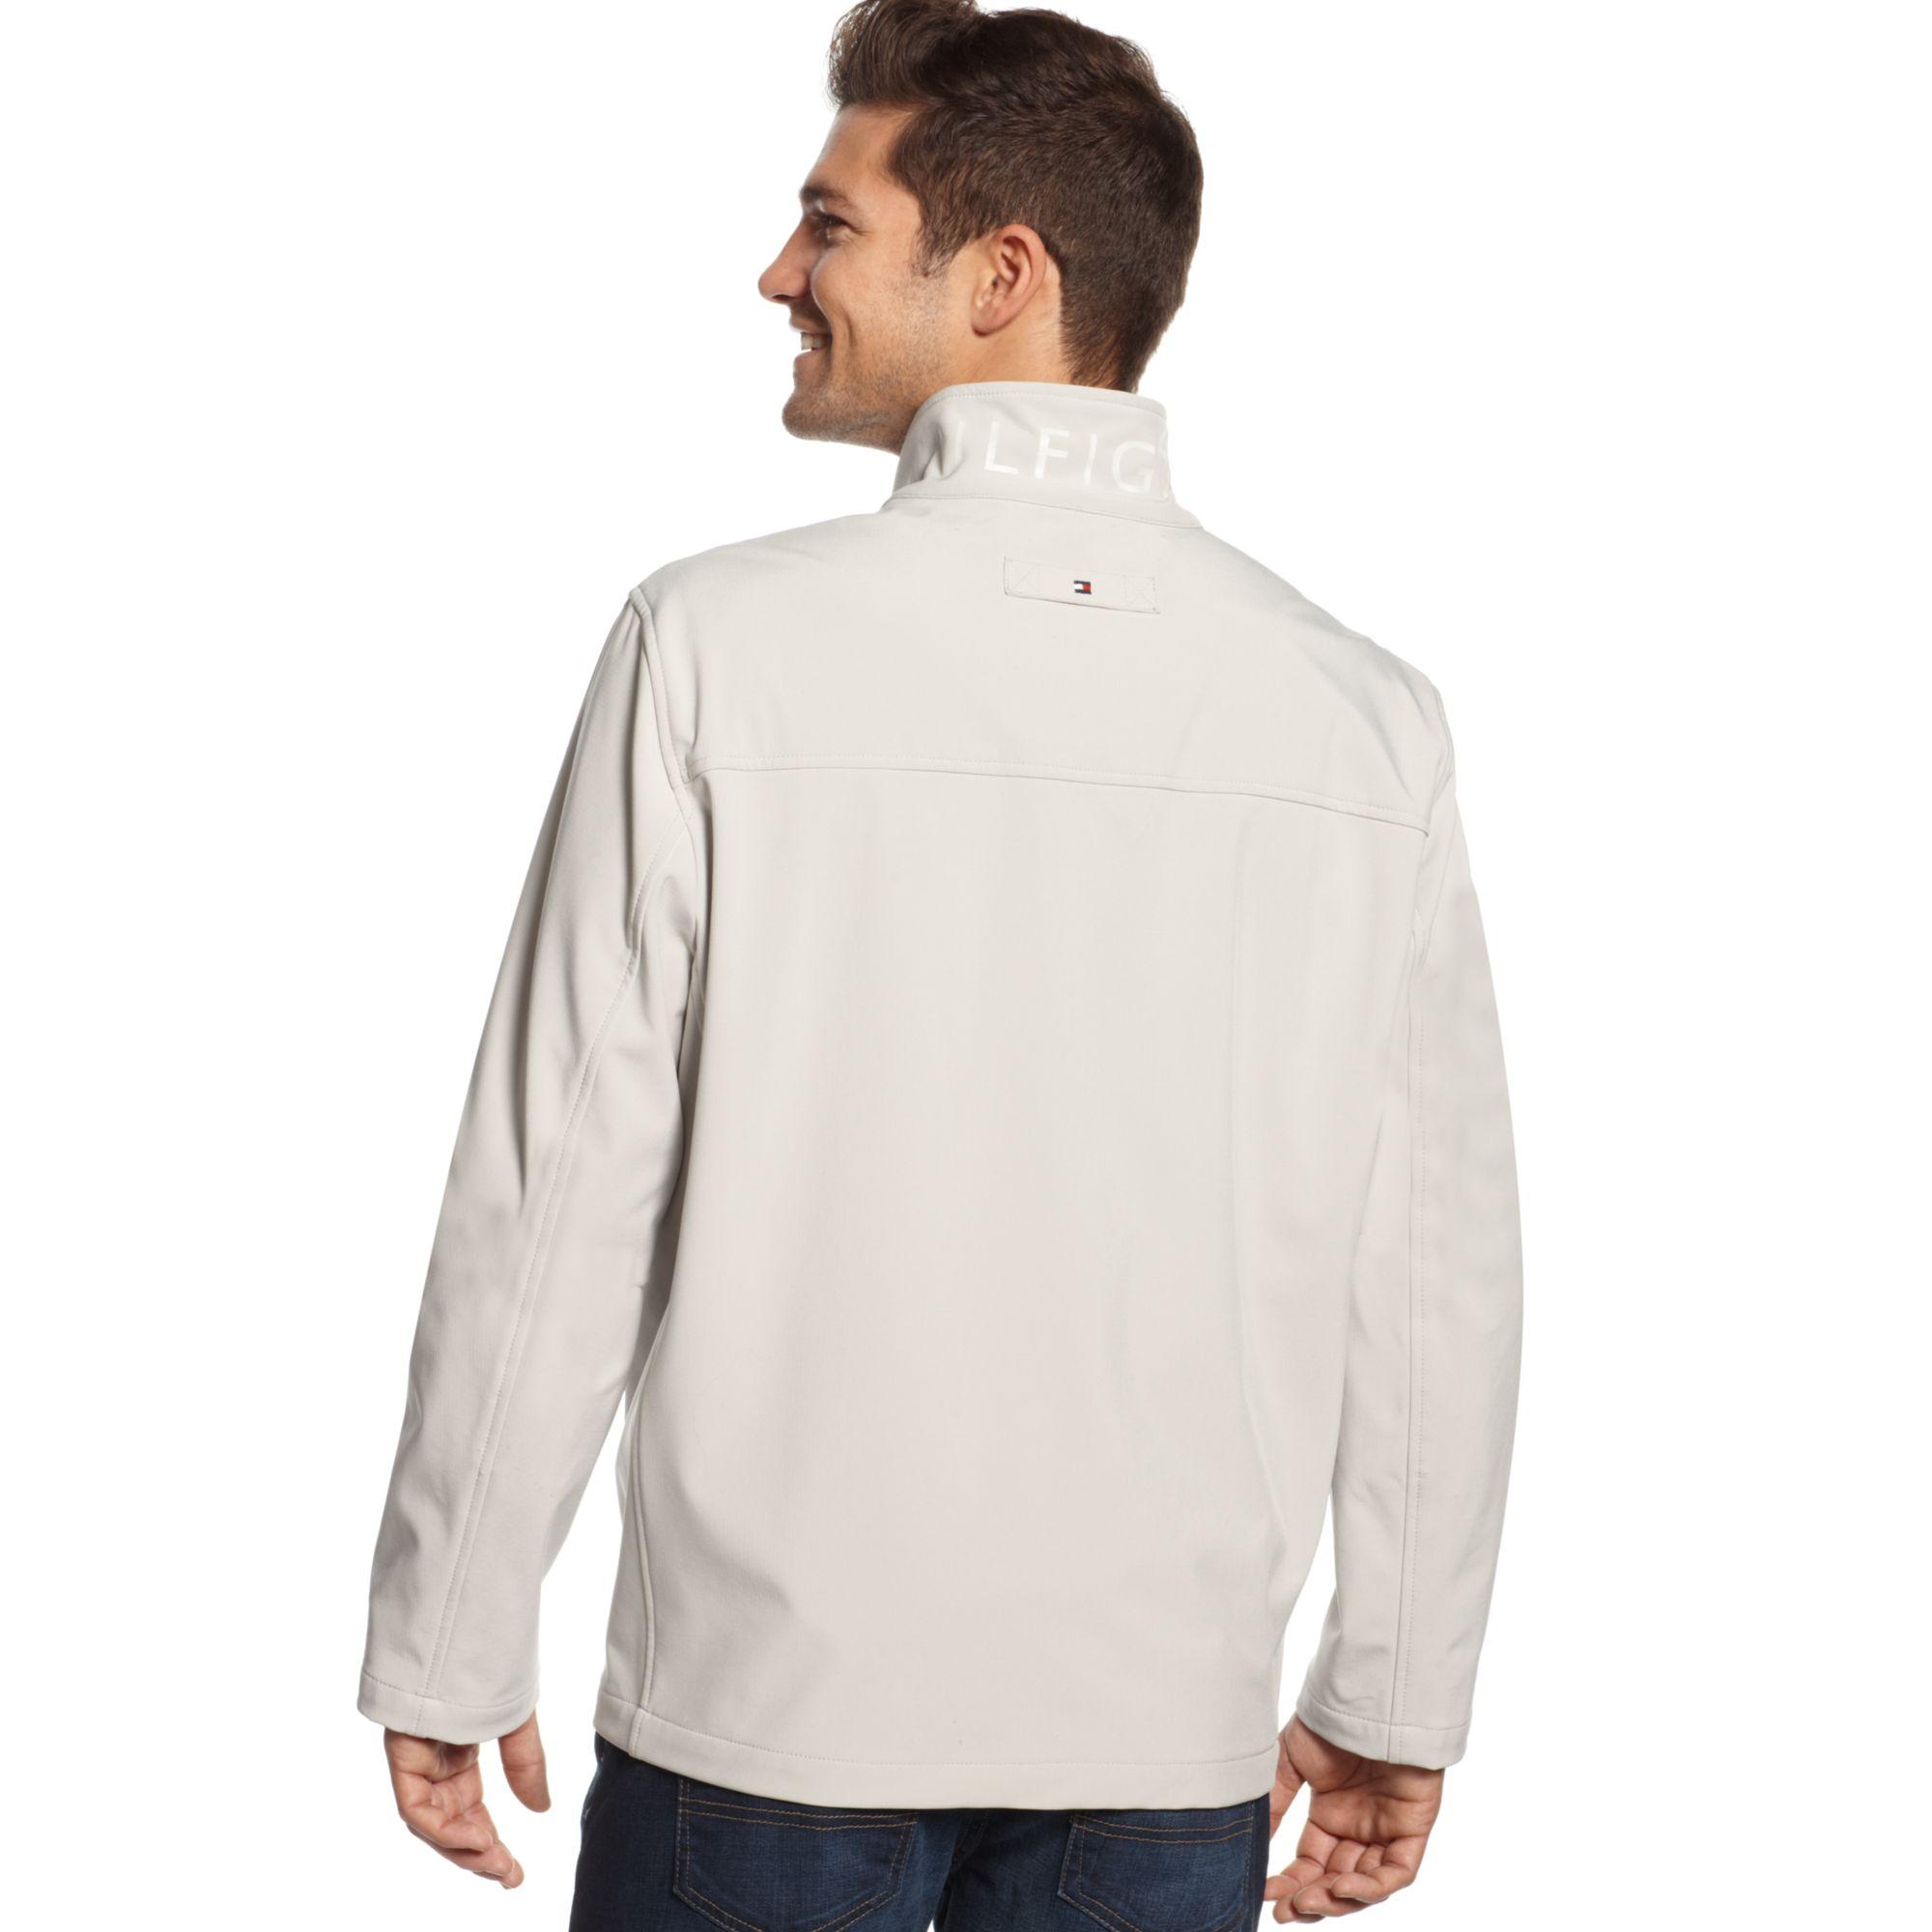 tommy hilfiger soft shell jacket in beige for men oyster. Black Bedroom Furniture Sets. Home Design Ideas